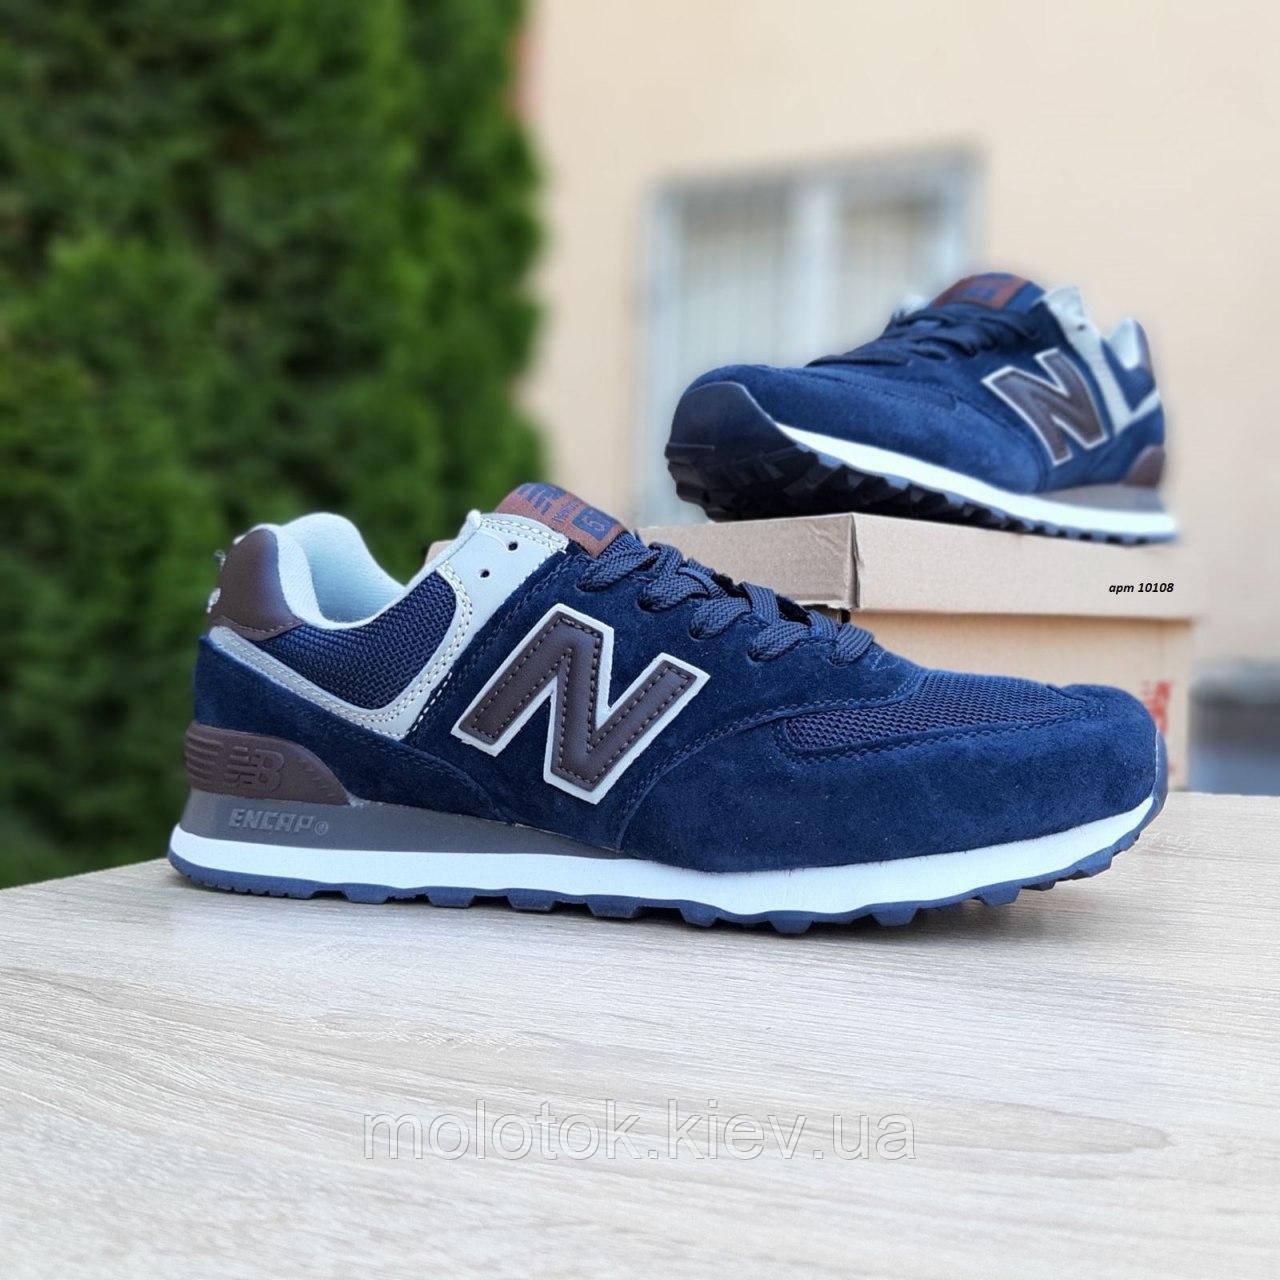 Чоловічі кросівки в стилі New Balance 574 сині (коричнева N)